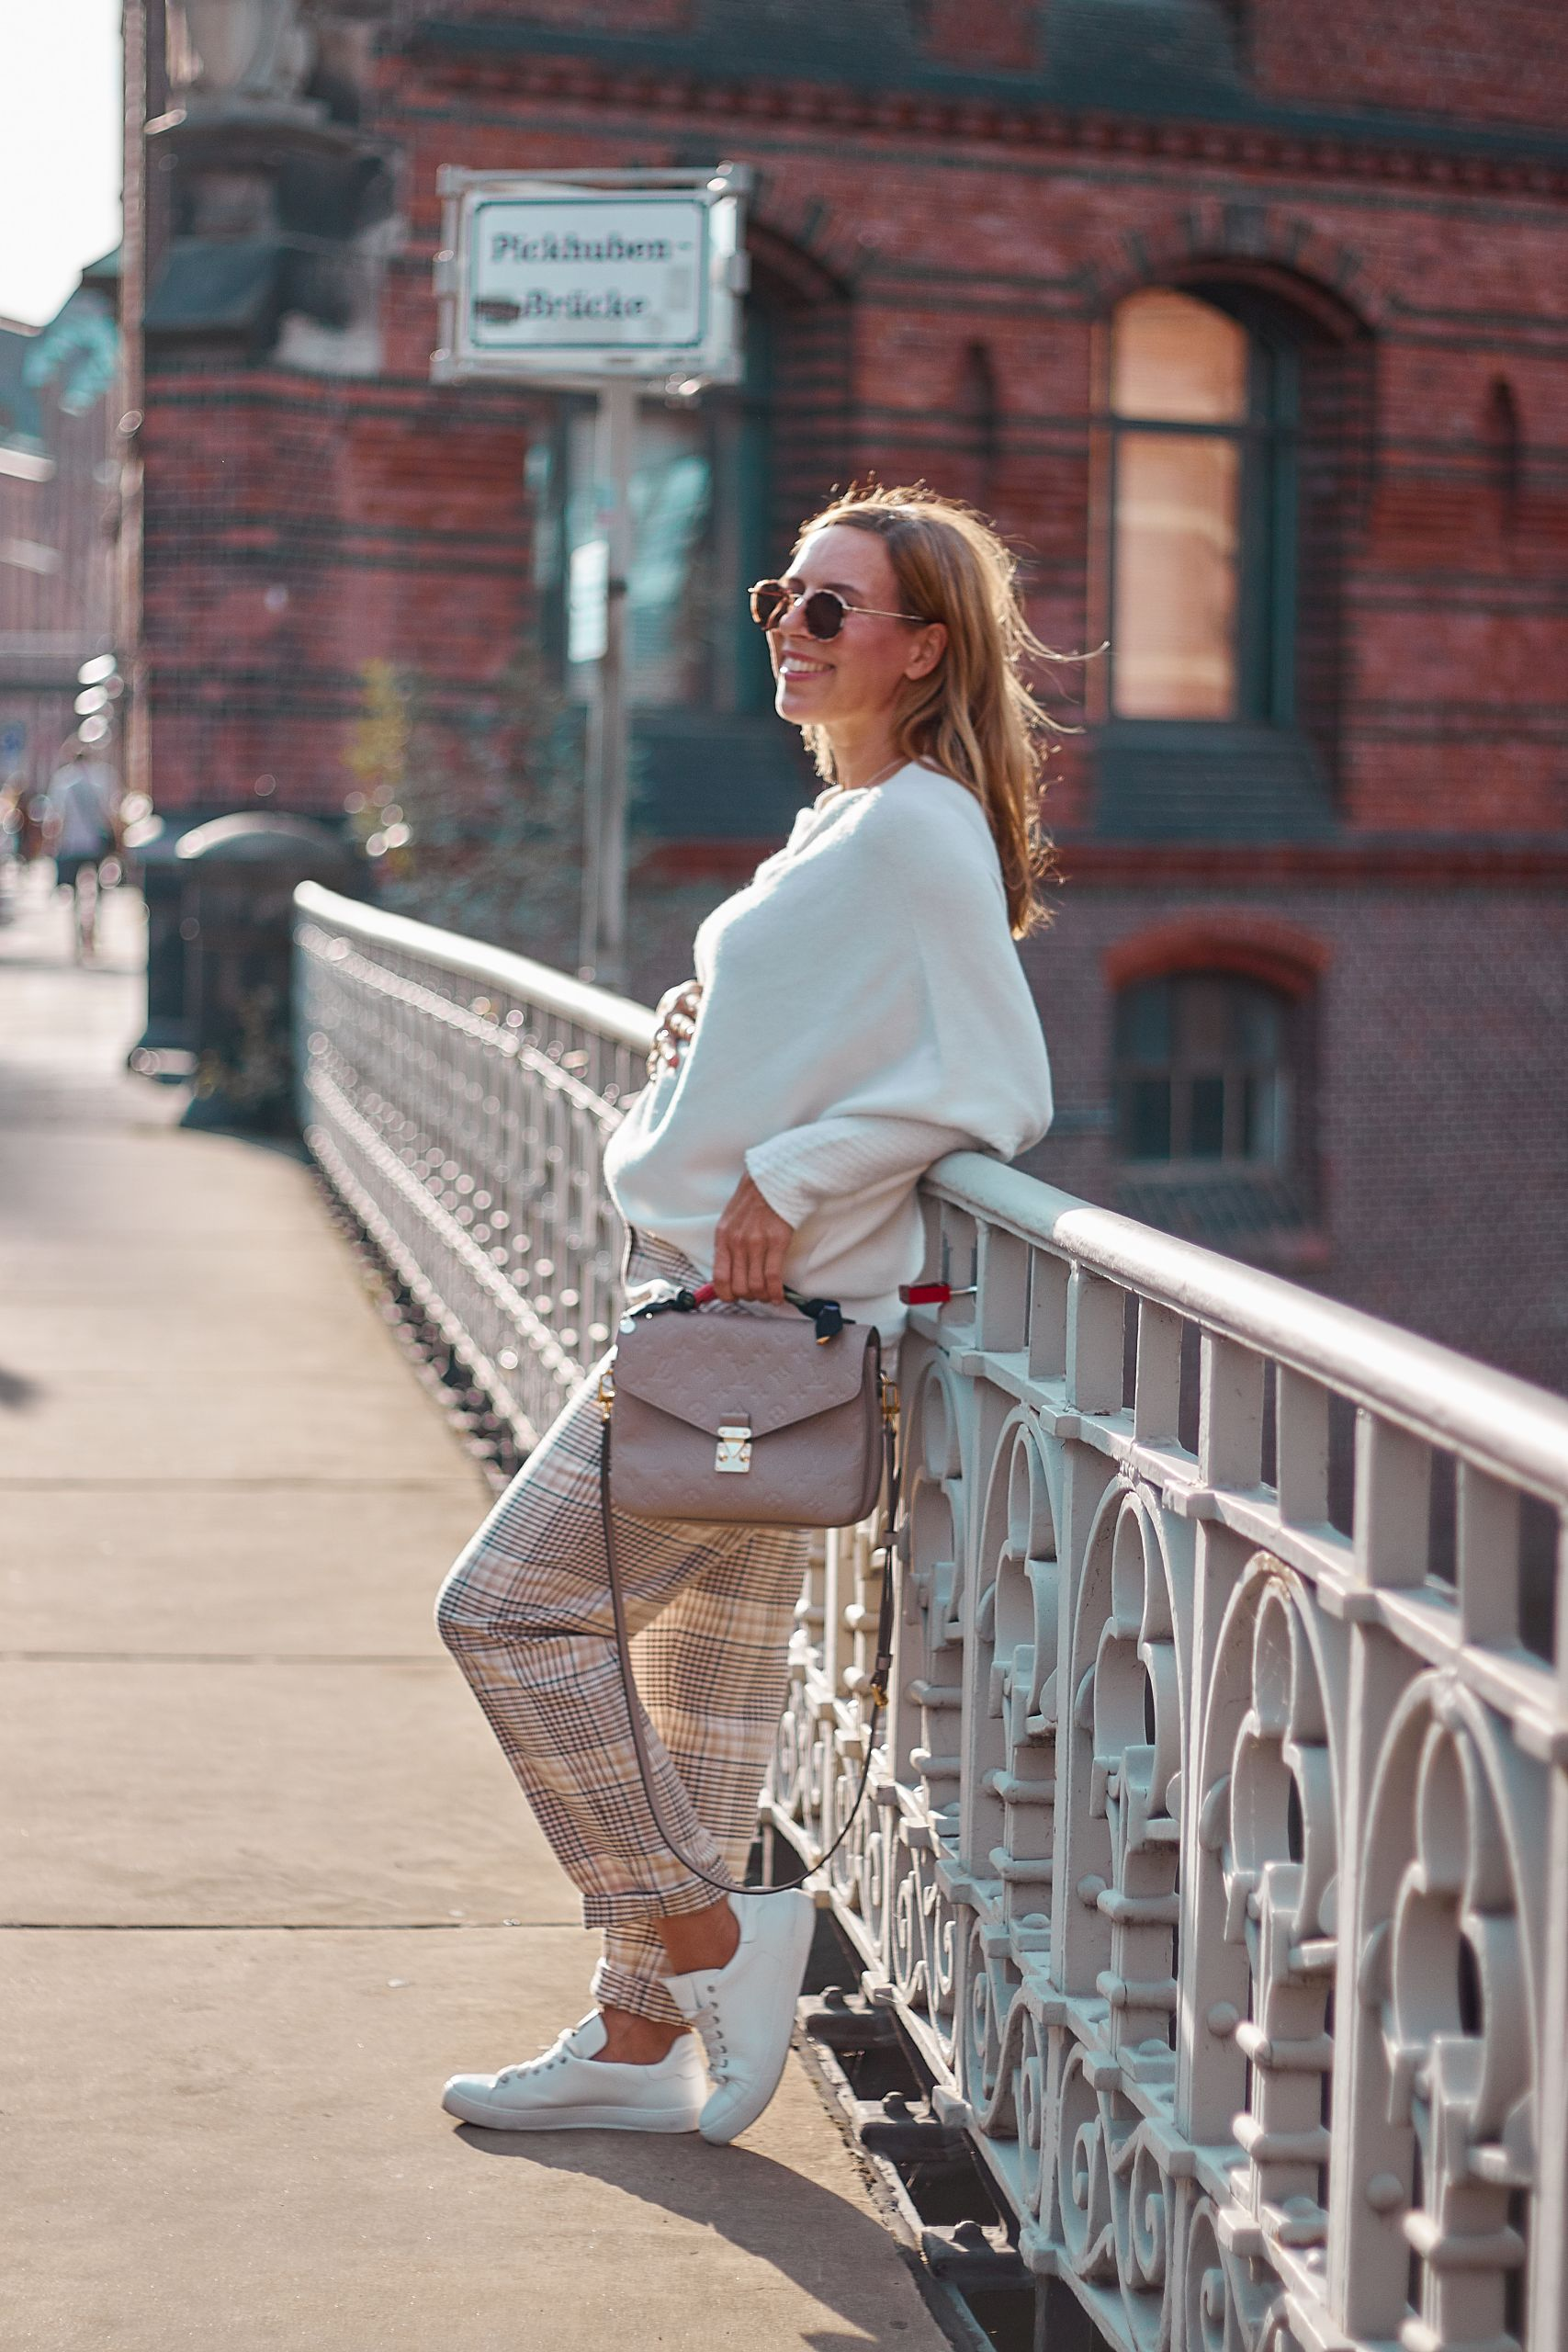 Cremefarbener Pullover von den Liberty Woman Neuheiten zur Karohose in der Speicherstadt